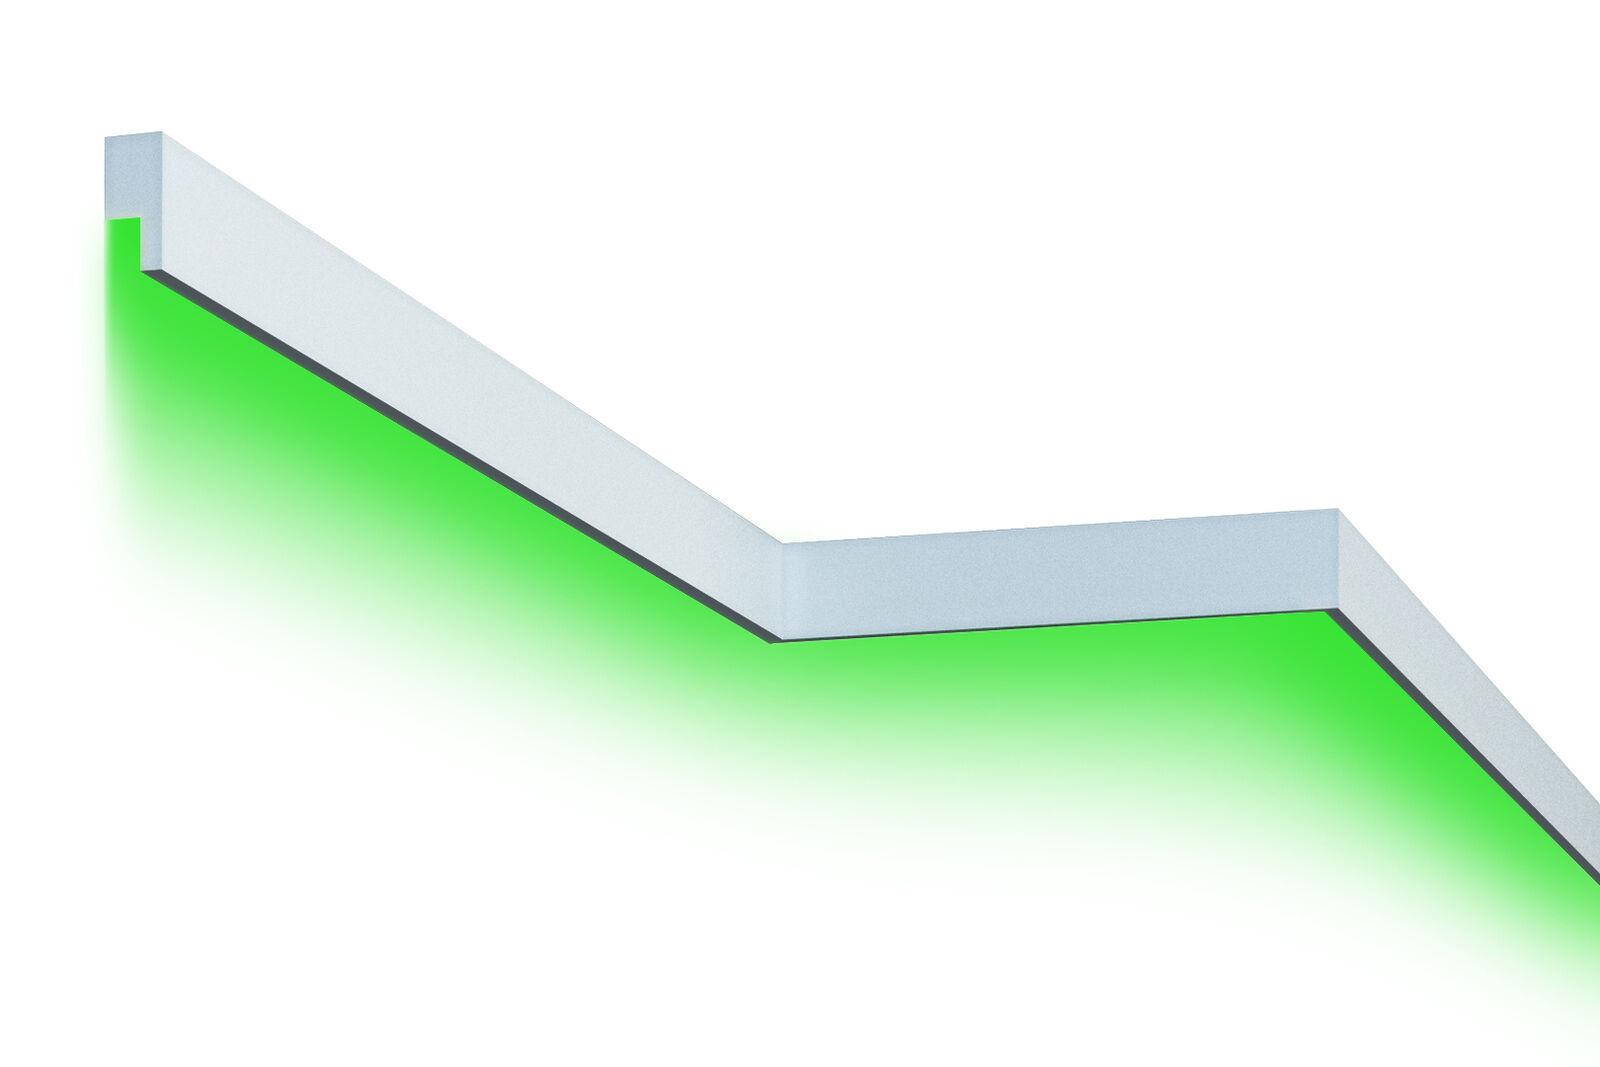 10 Metros LED Fabricación de Fachadas Iluminación Indirecta a prueba de golpes